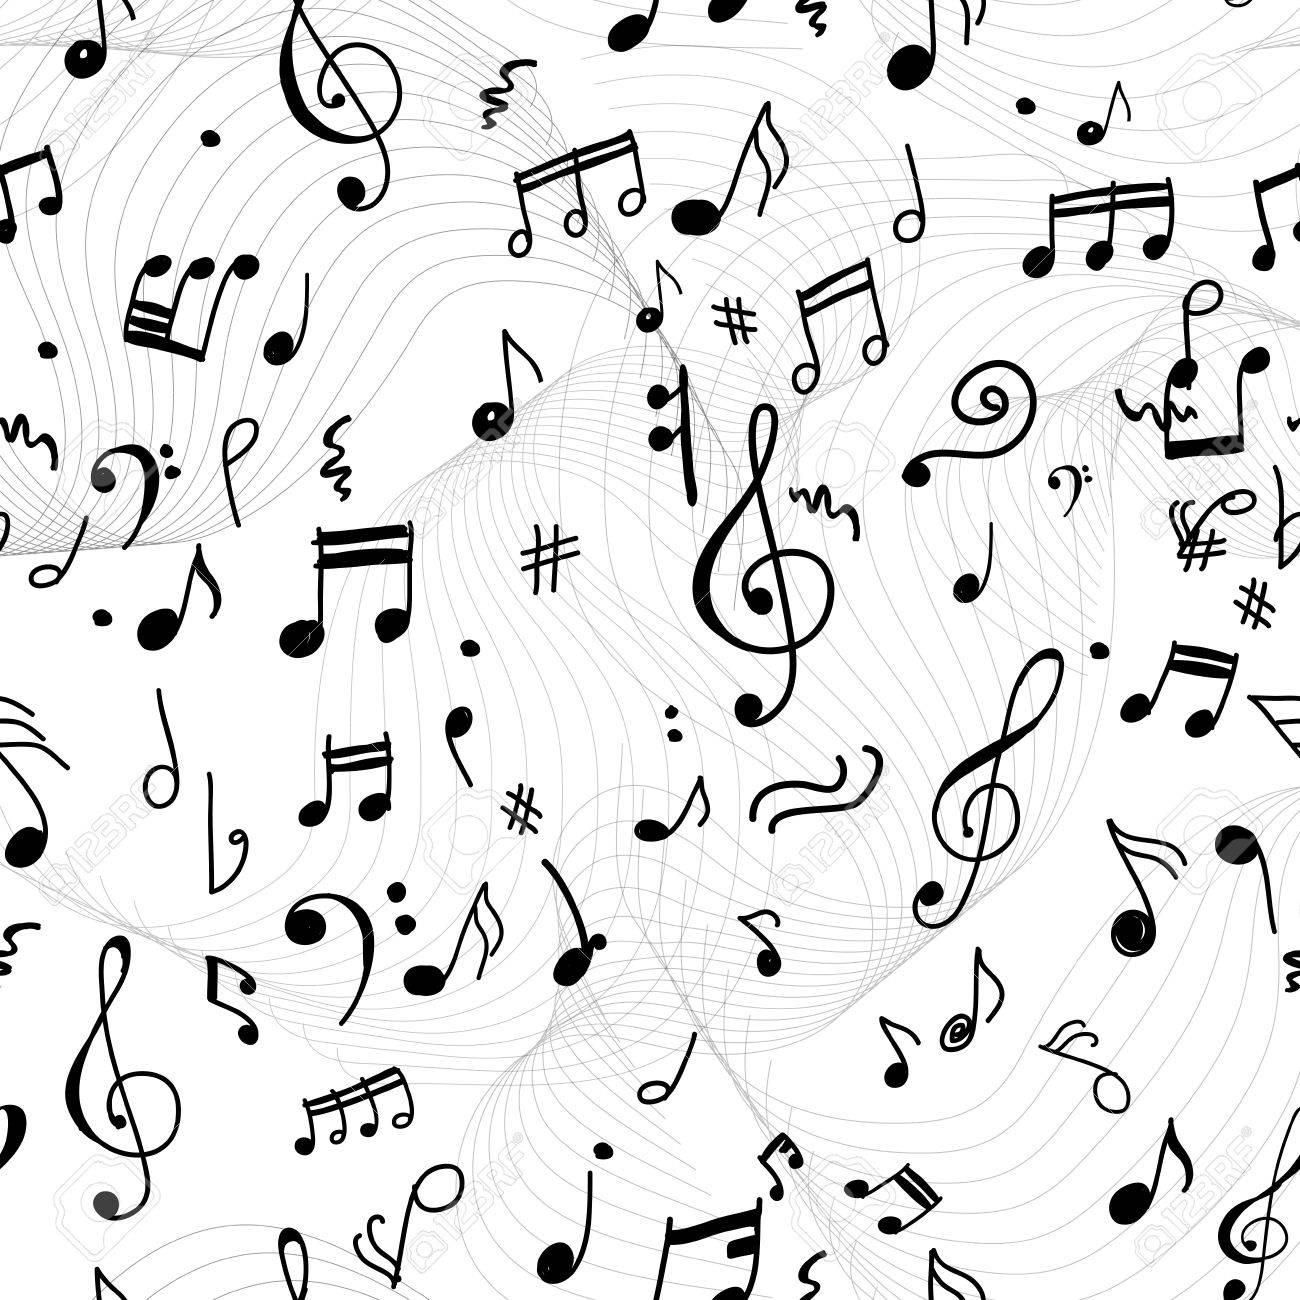 Zusammenfassung Musikalischen Muster Für Ihr Design Lizenzfrei